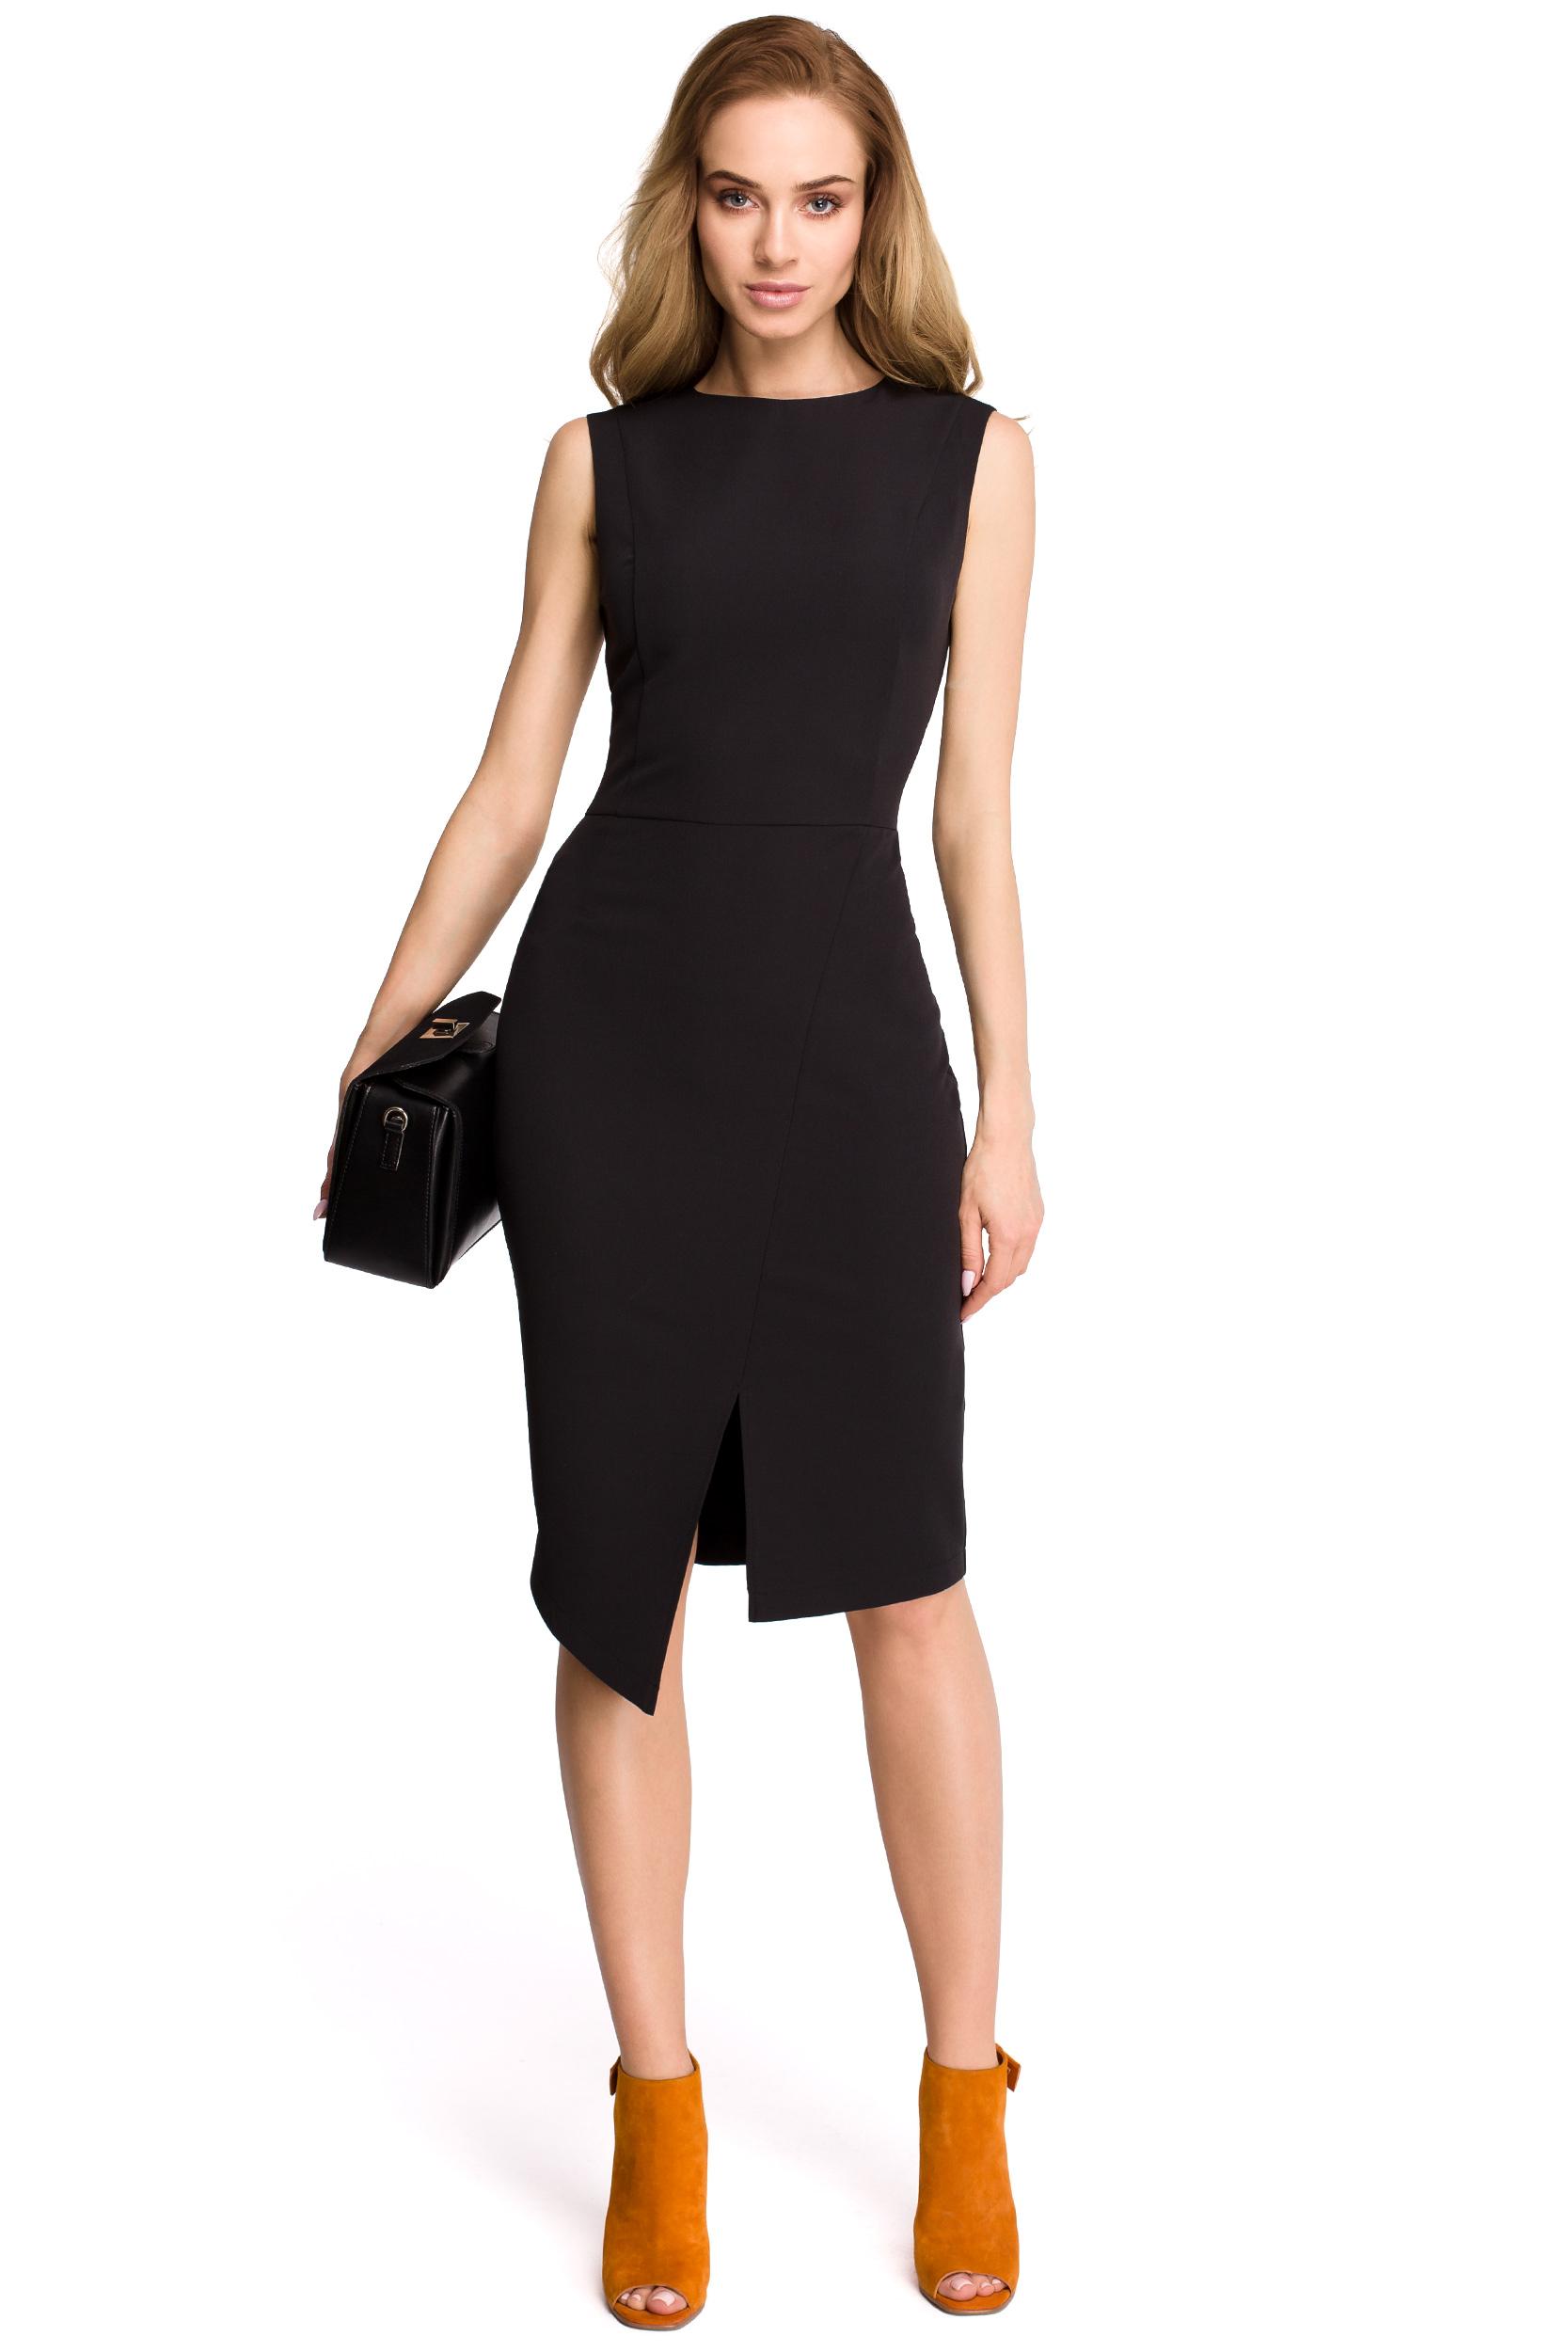 200118de6b Klasyczna elegancka sukienka bez rękawów z asymetrycznym rozcięciem czarna  S105